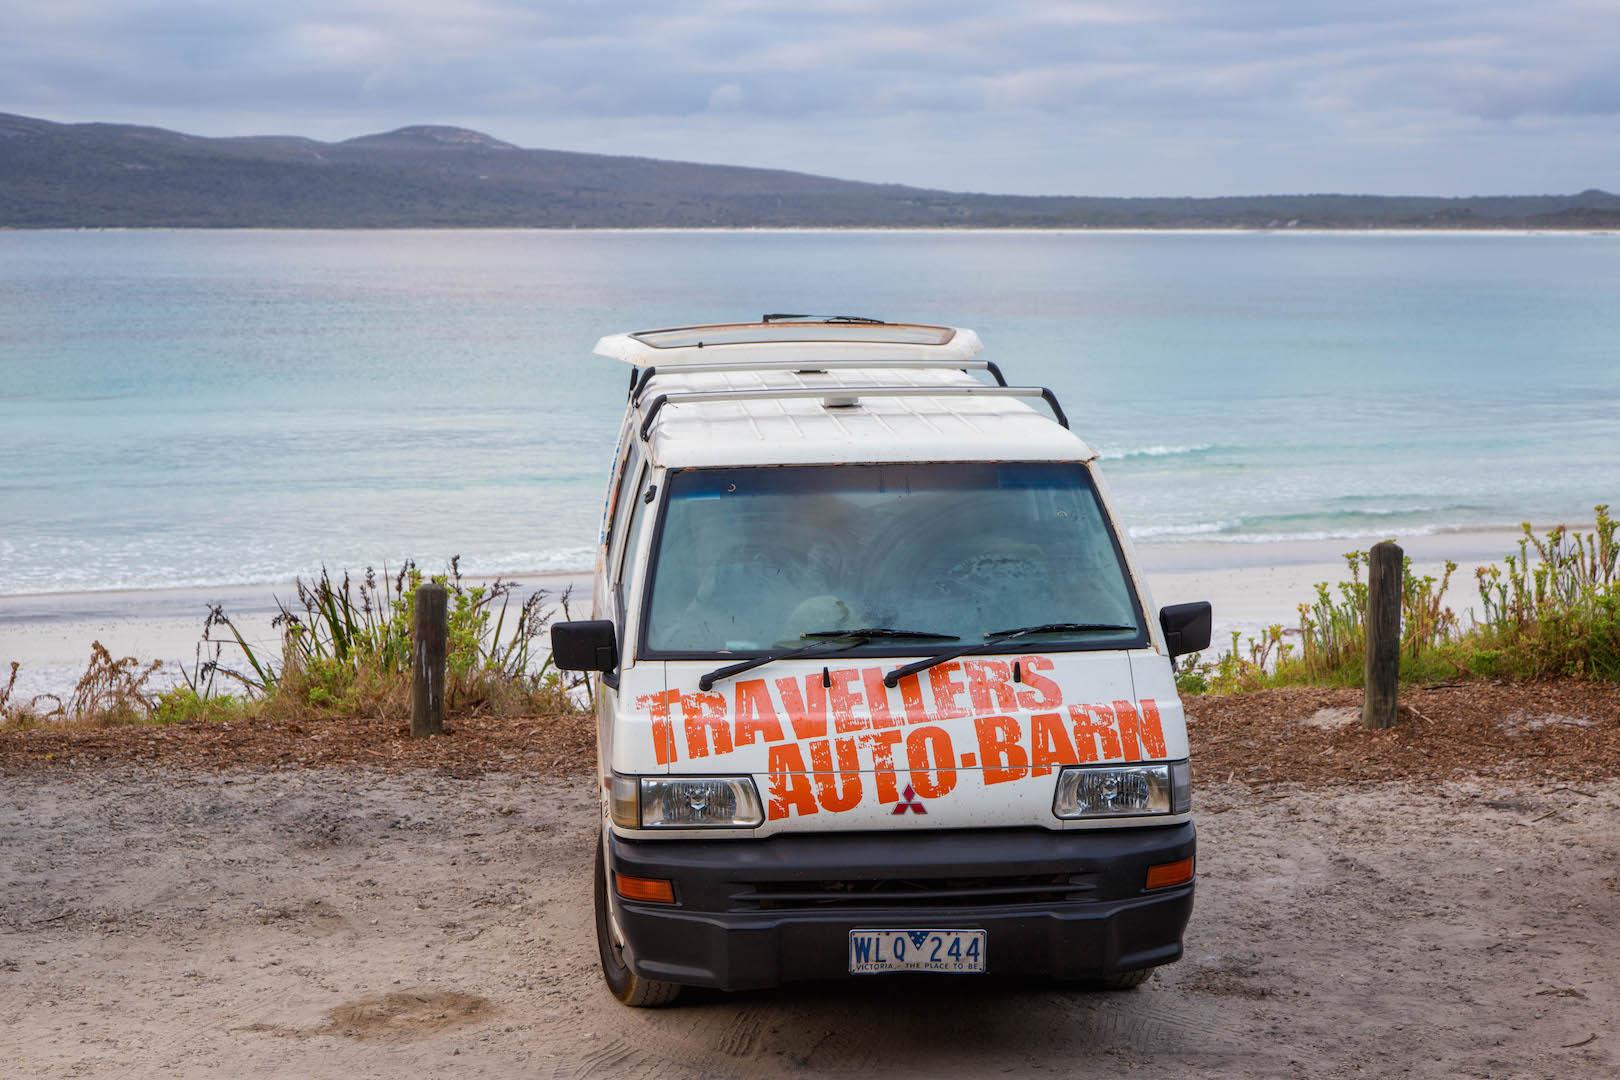 Kostenfreie Campingplätze in Australien – Unsere Top 12 der schönsten Plätze